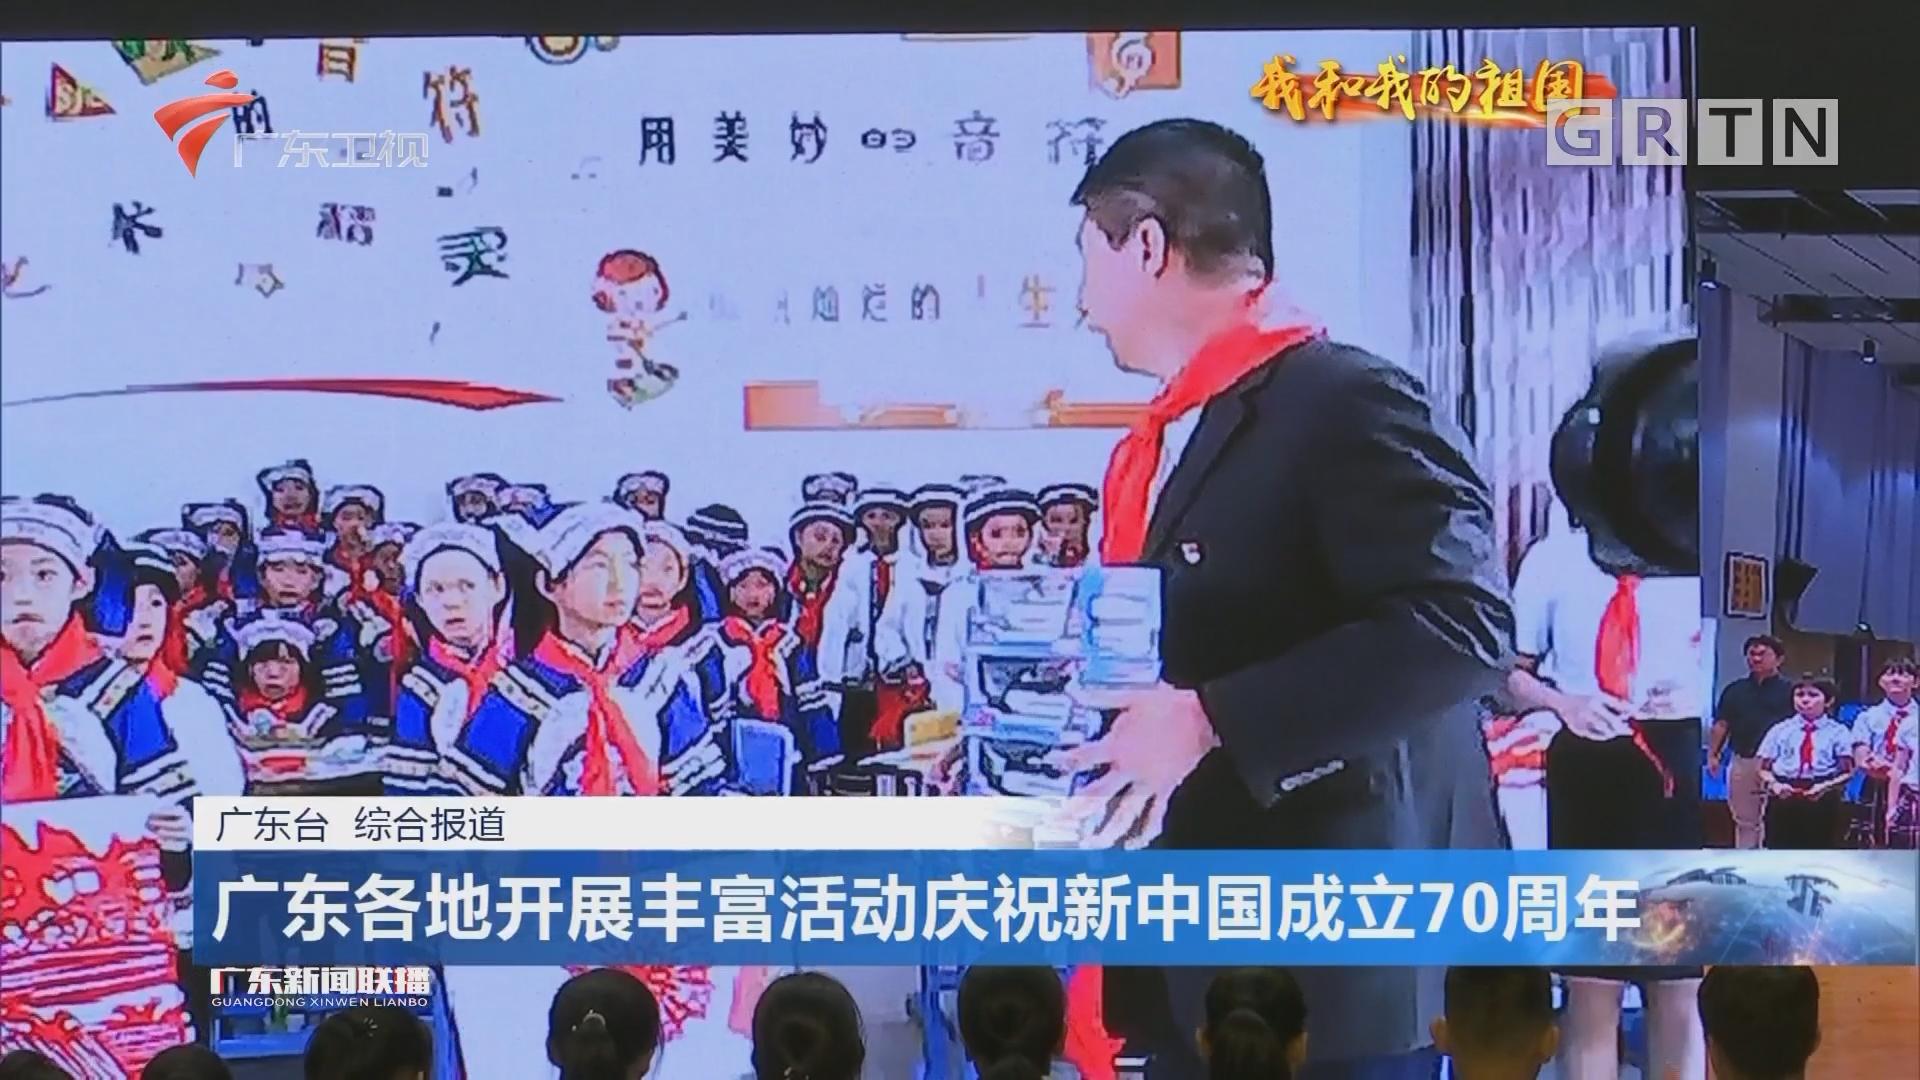 广东各地开展丰富活动庆祝新中国成立70周年